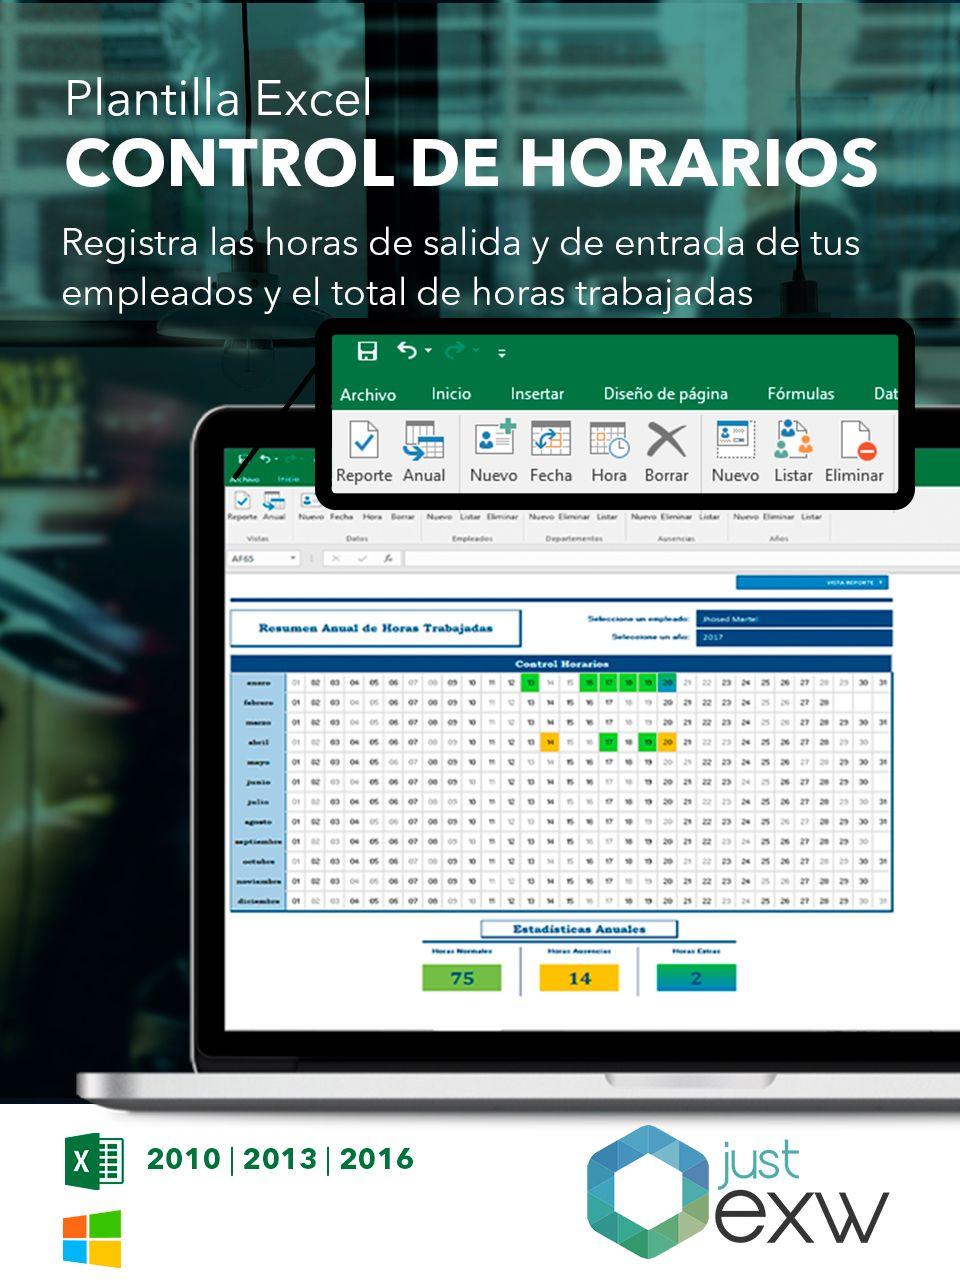 Plantilla de control de horarios en Excel | Plantilla RRHH para ...